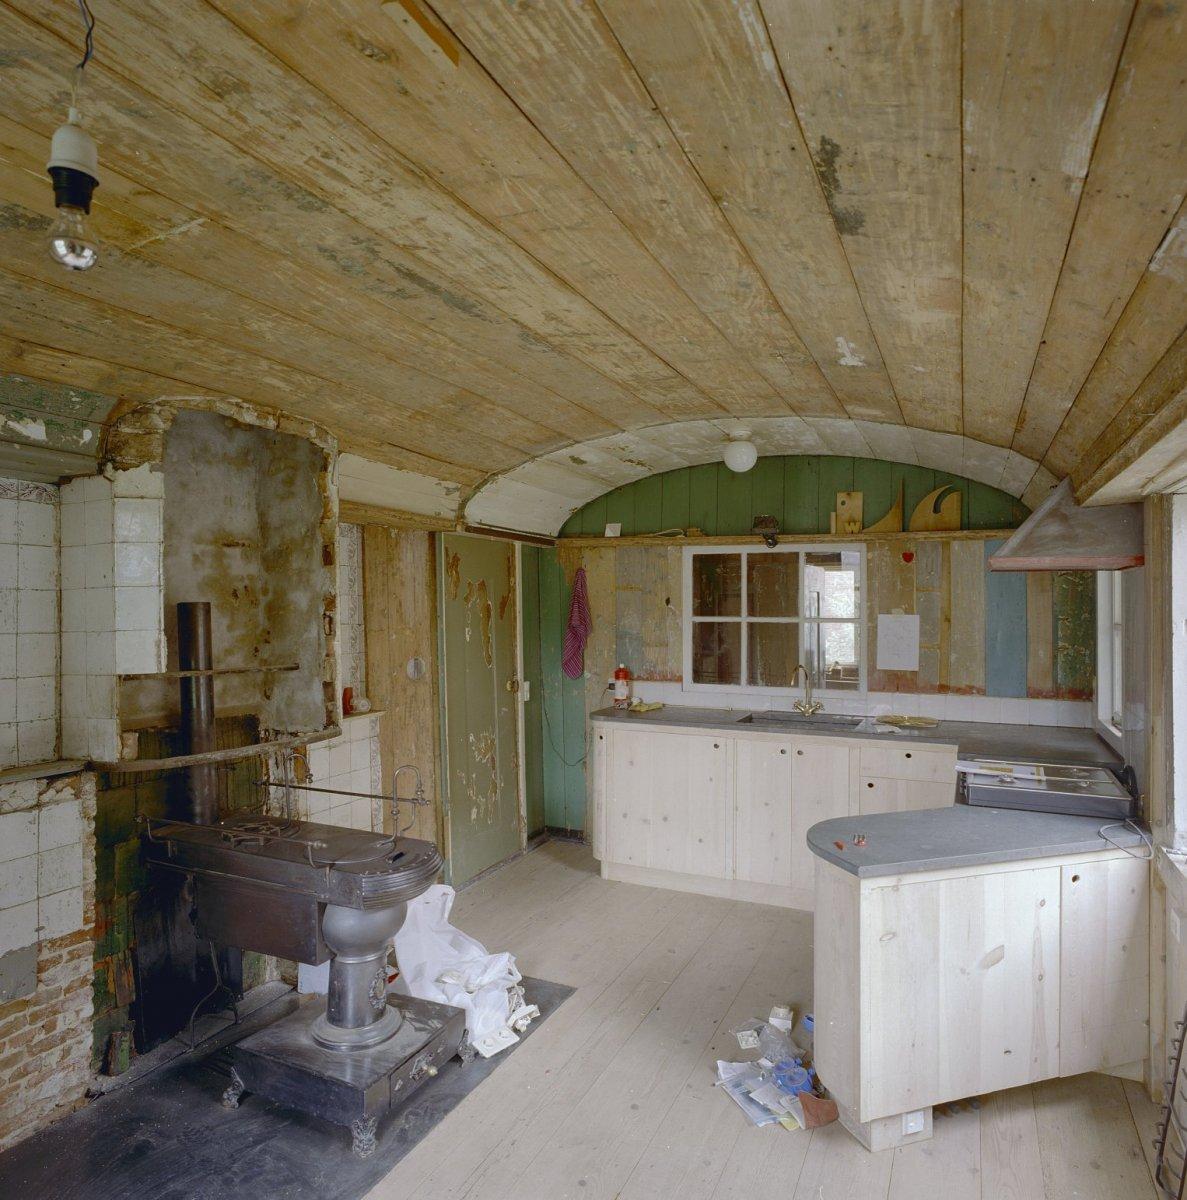 Keuken Kind Hout : Description Int.overzicht keuken, houten plafond – Zaandam – 20002187